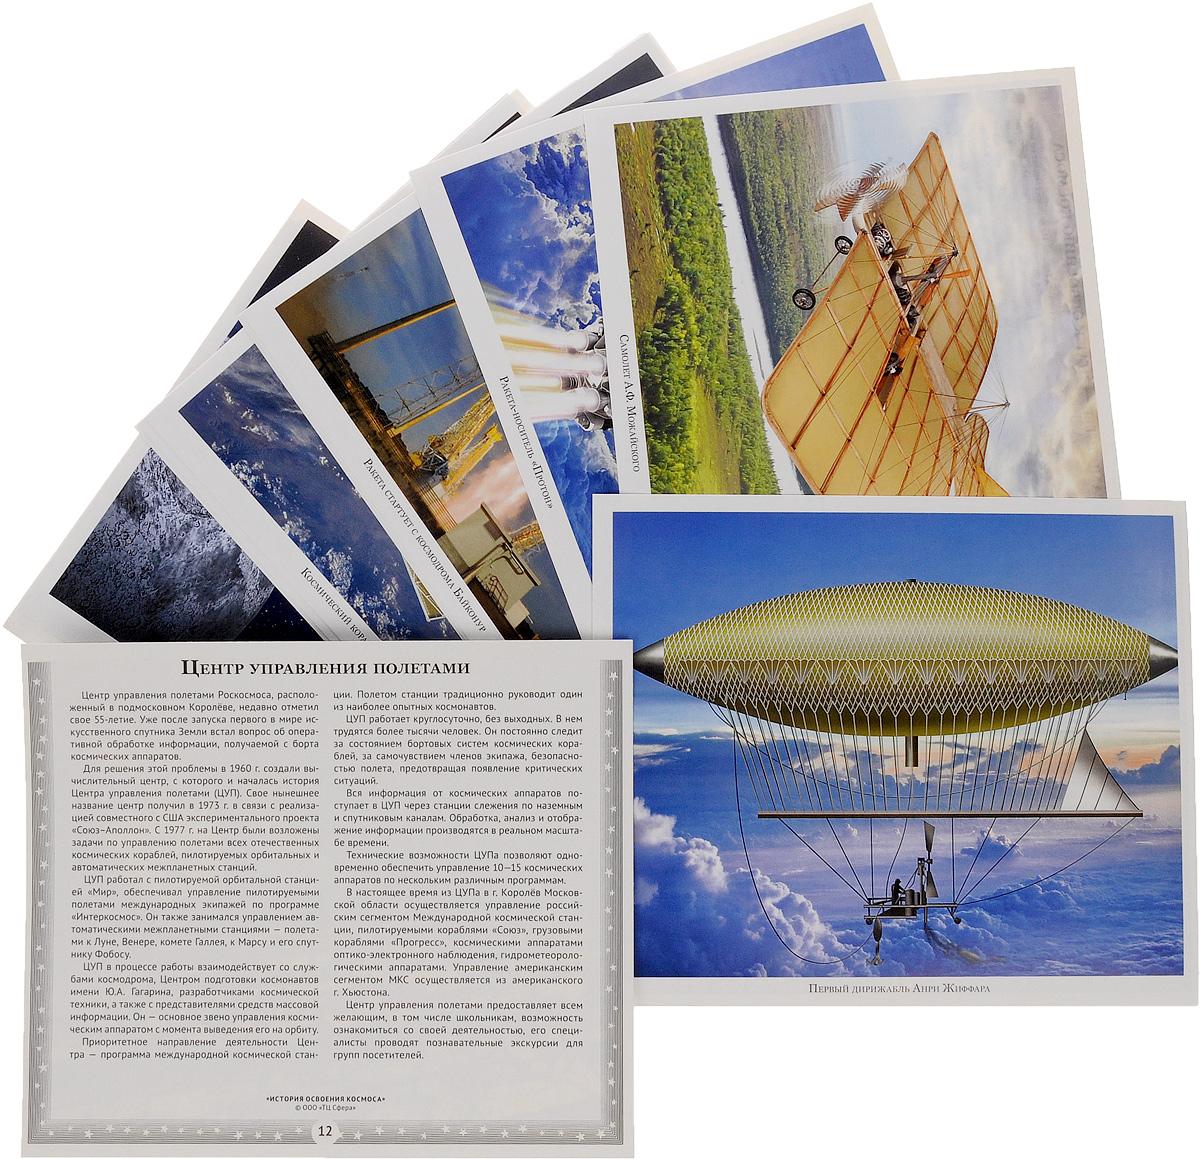 Великий космос. История освоения космоса (комплект из 12 демонстрационных кратинок)